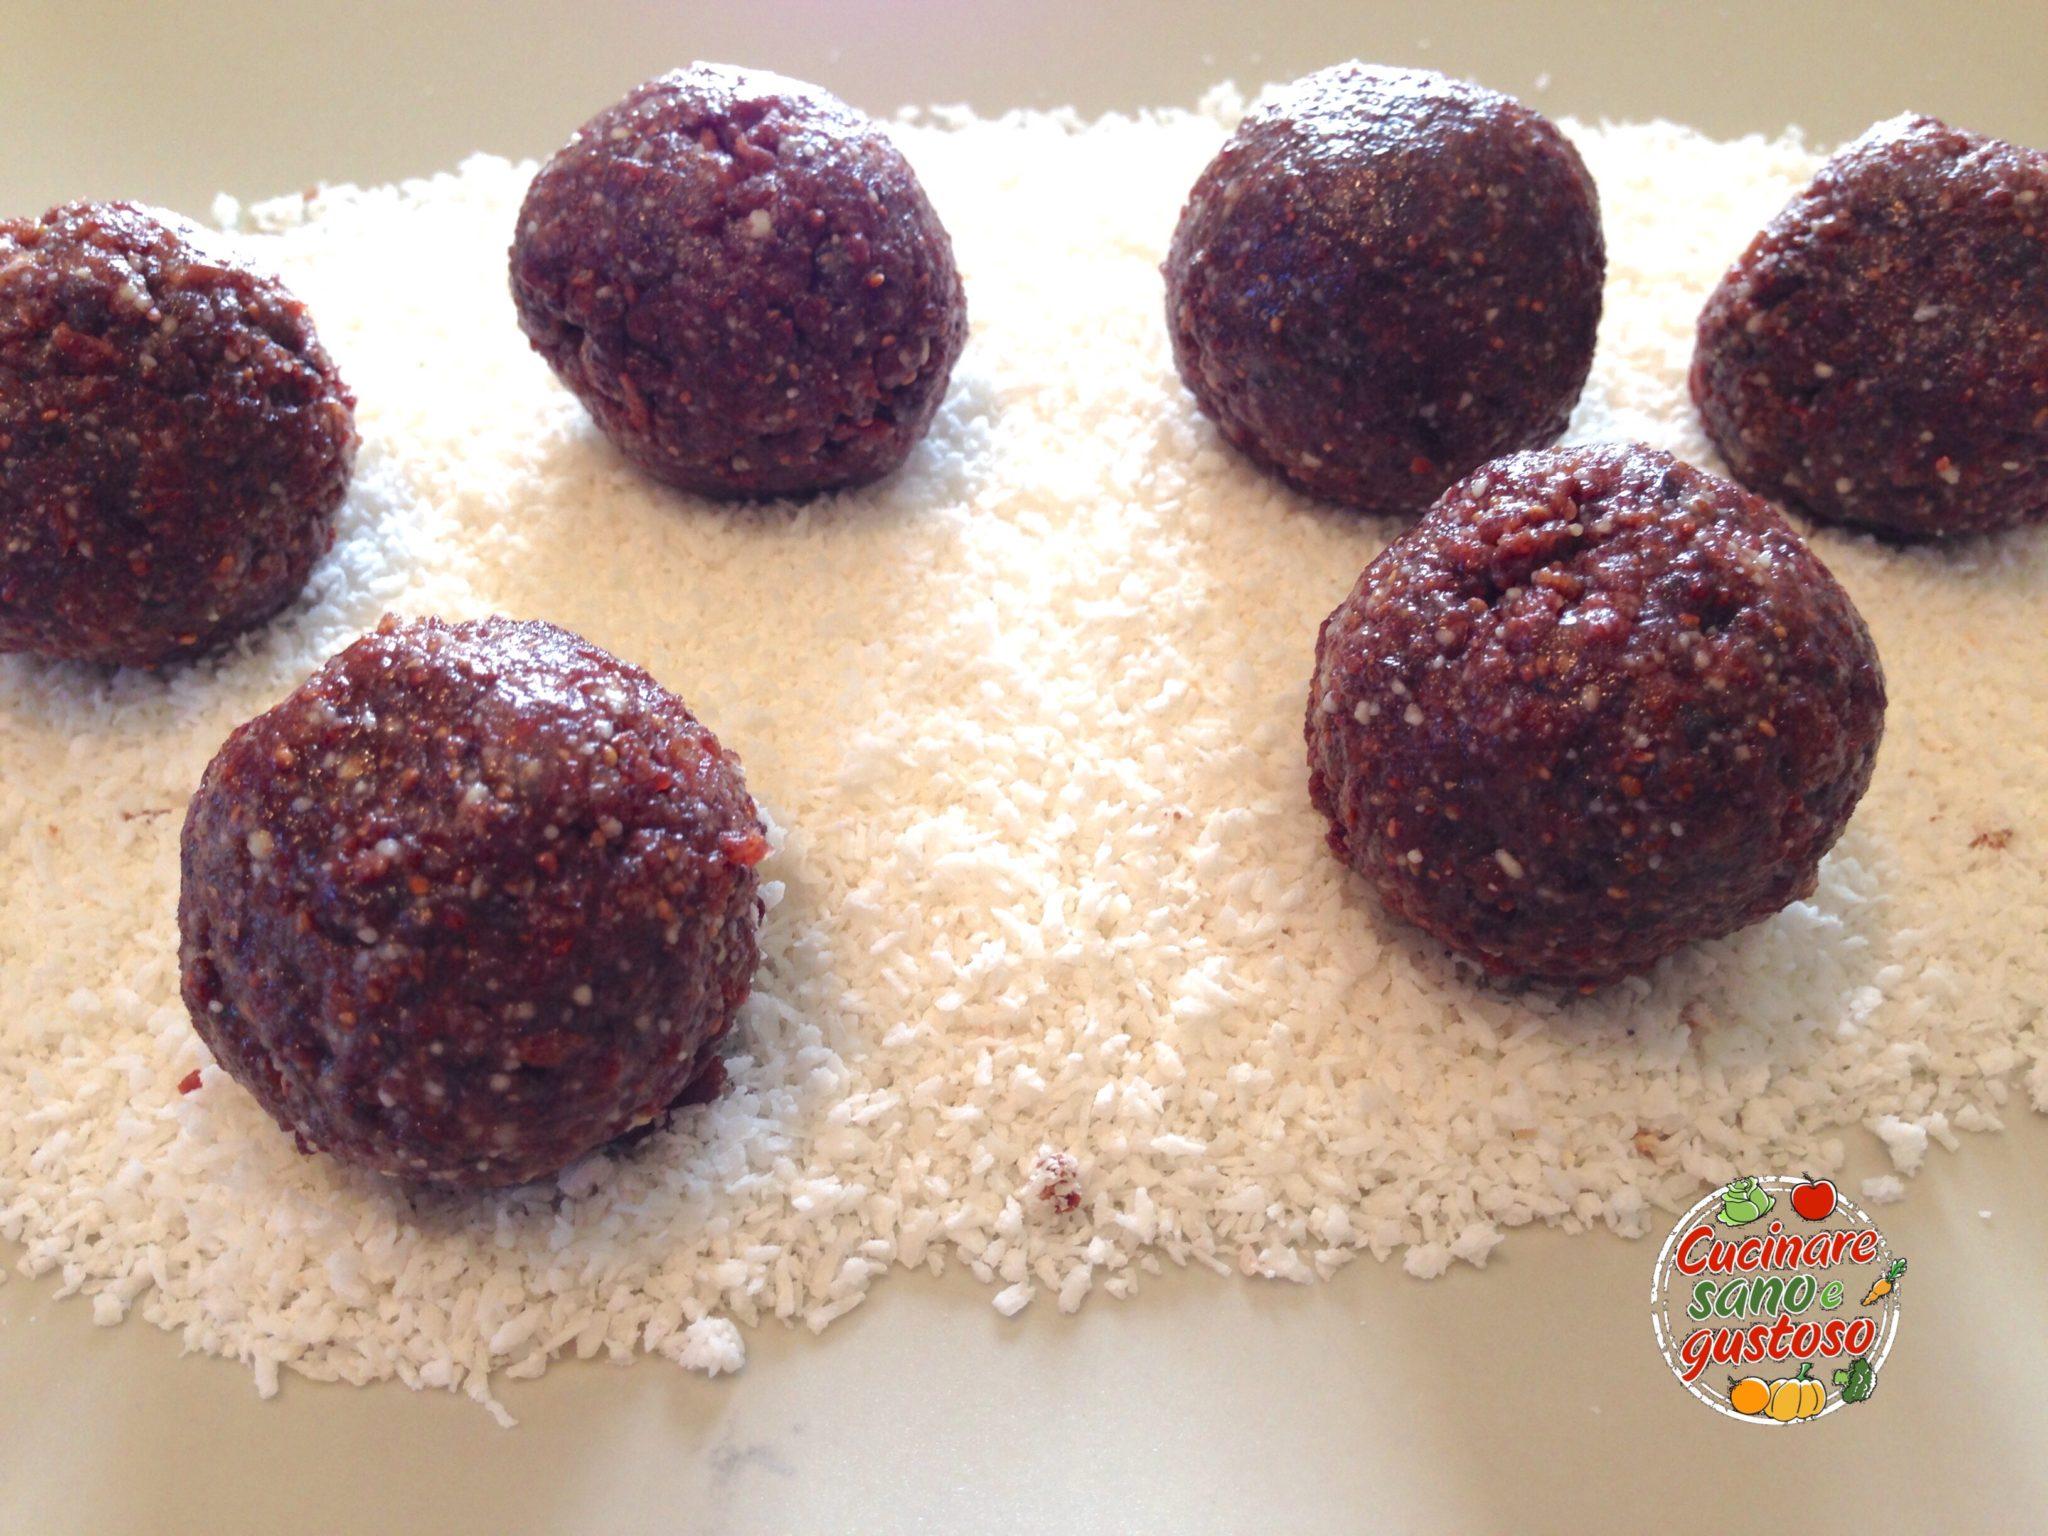 Palline ai frutti rossi mandorle e cocco senza cottura - Cucinare sano e gustoso ...